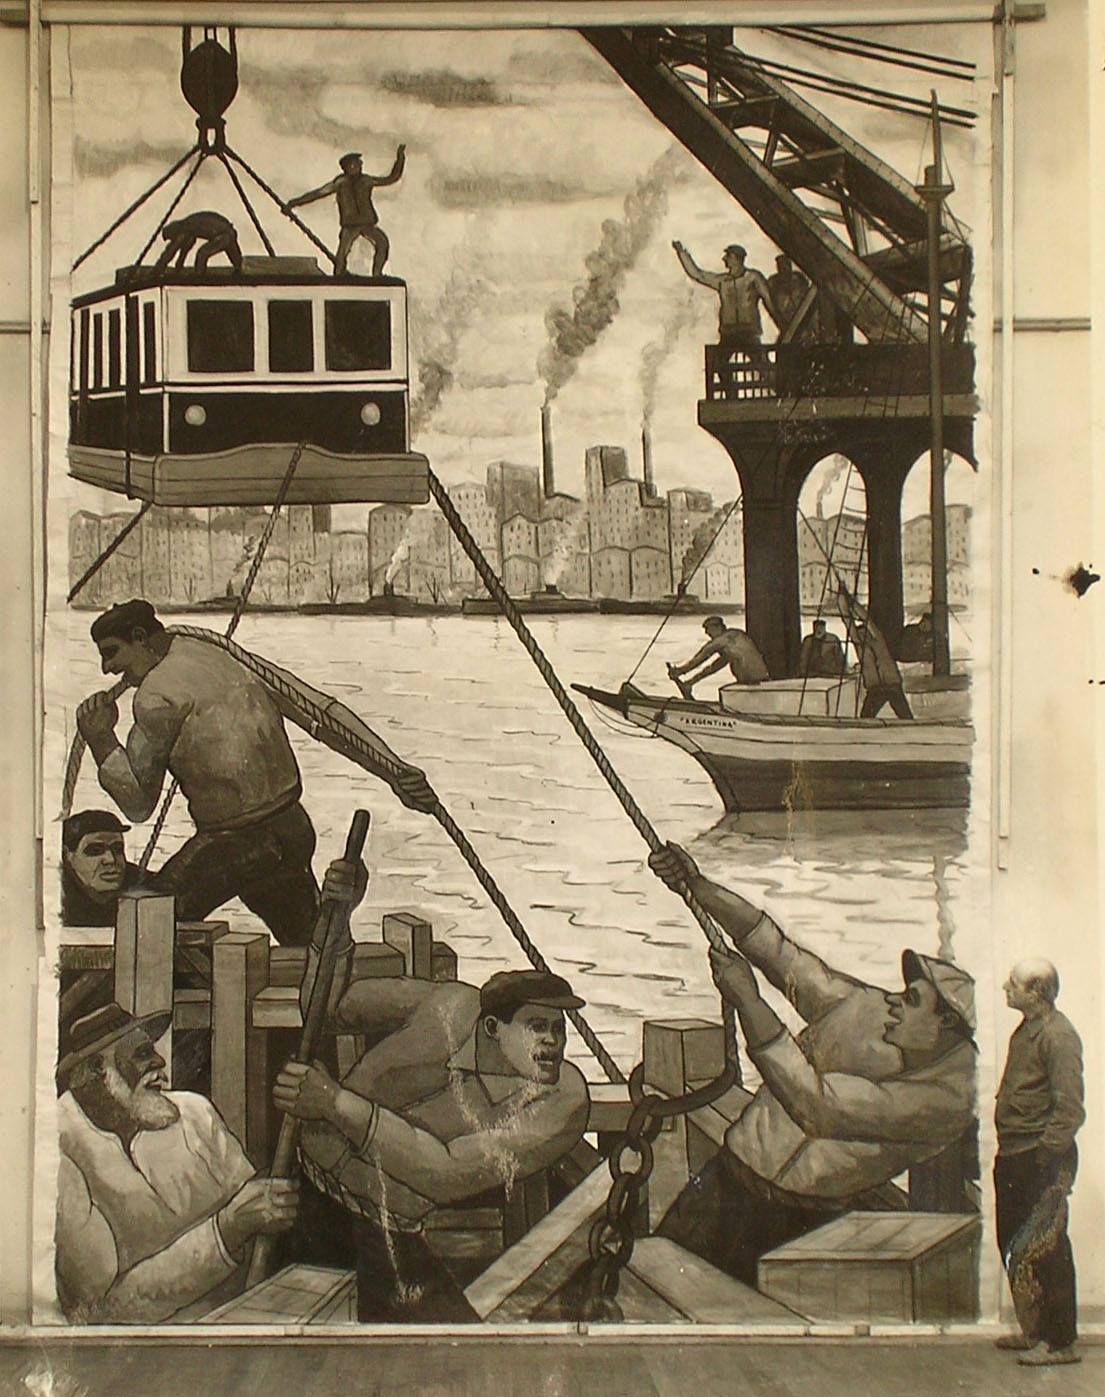 Benito Quinquela Martín, posando junto a su pintura 'Desembarques de tranvías', obra  para el mural del andén de la estación subterranea de 'Plaza Italia', BsAs, Argentina (1940)